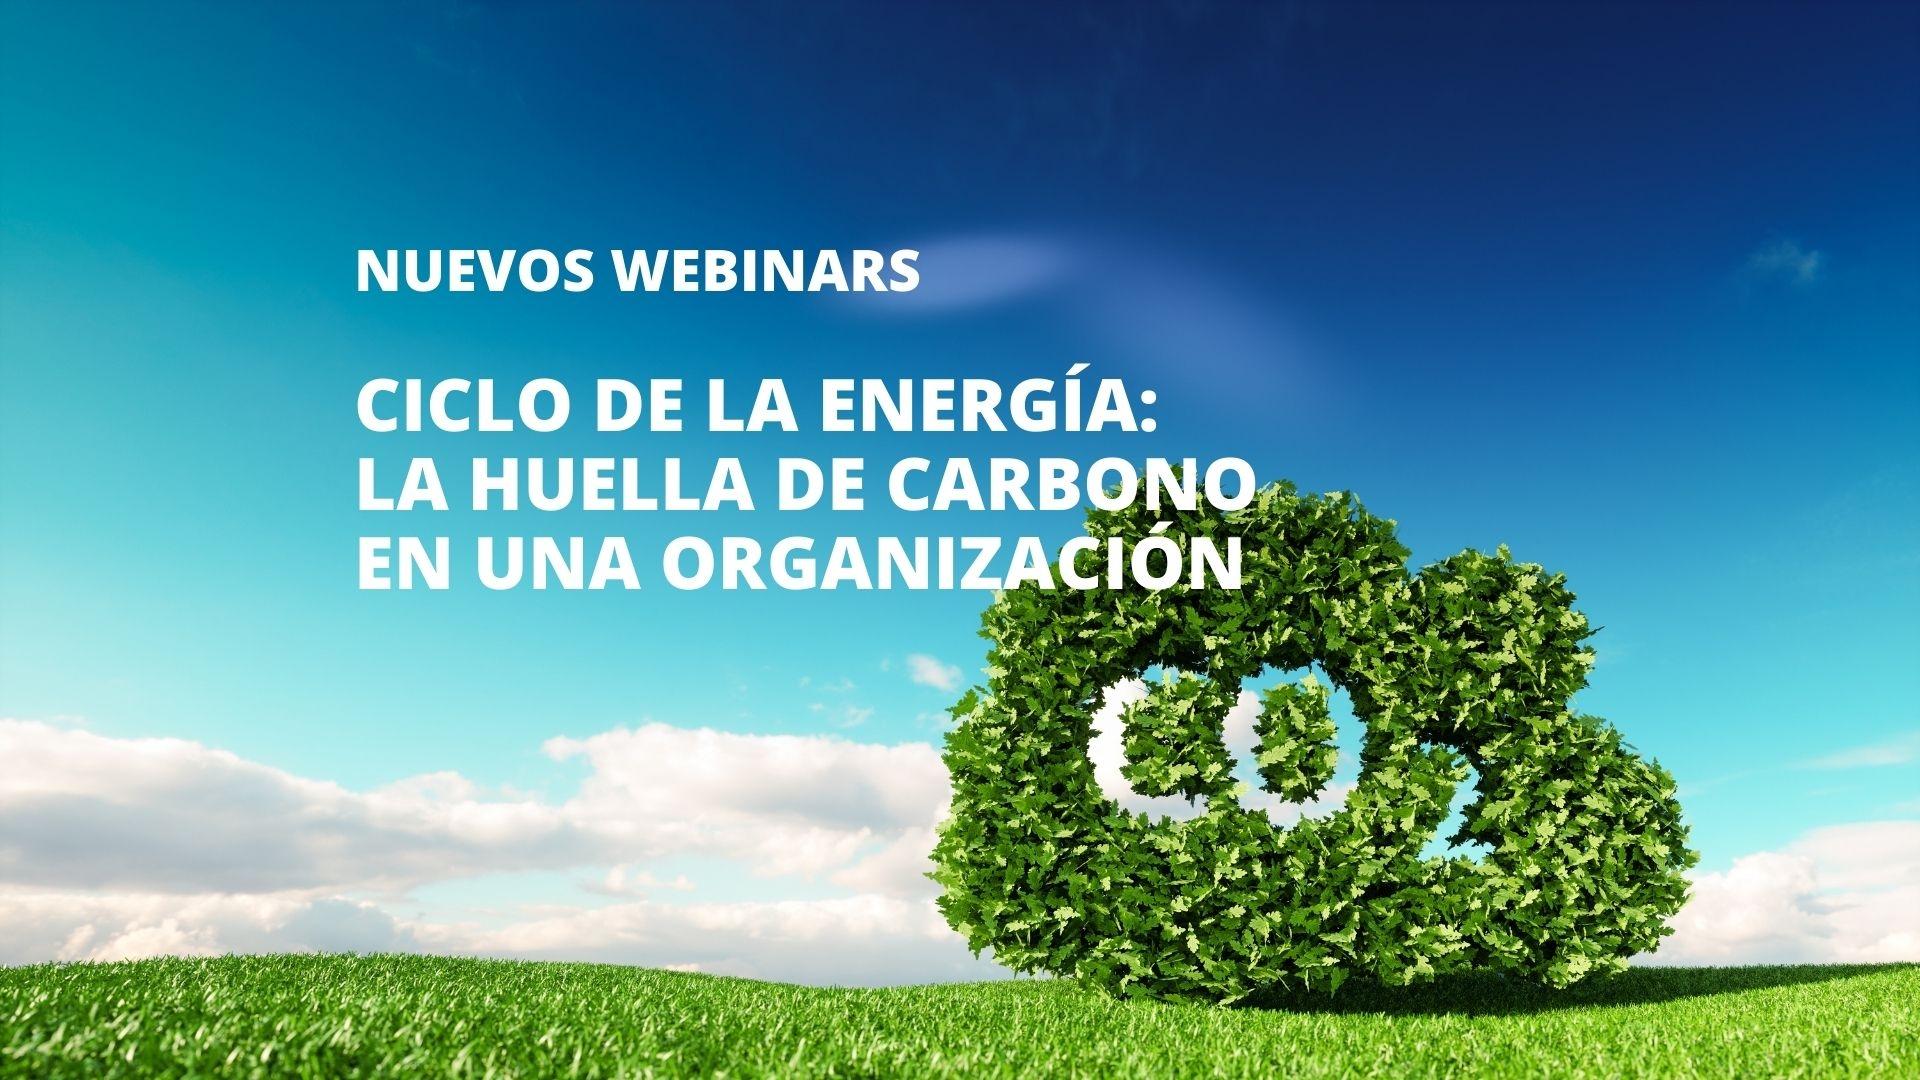 Cenifer-CICLO DE LA ENERGIA- La huella de carbono en una Organización